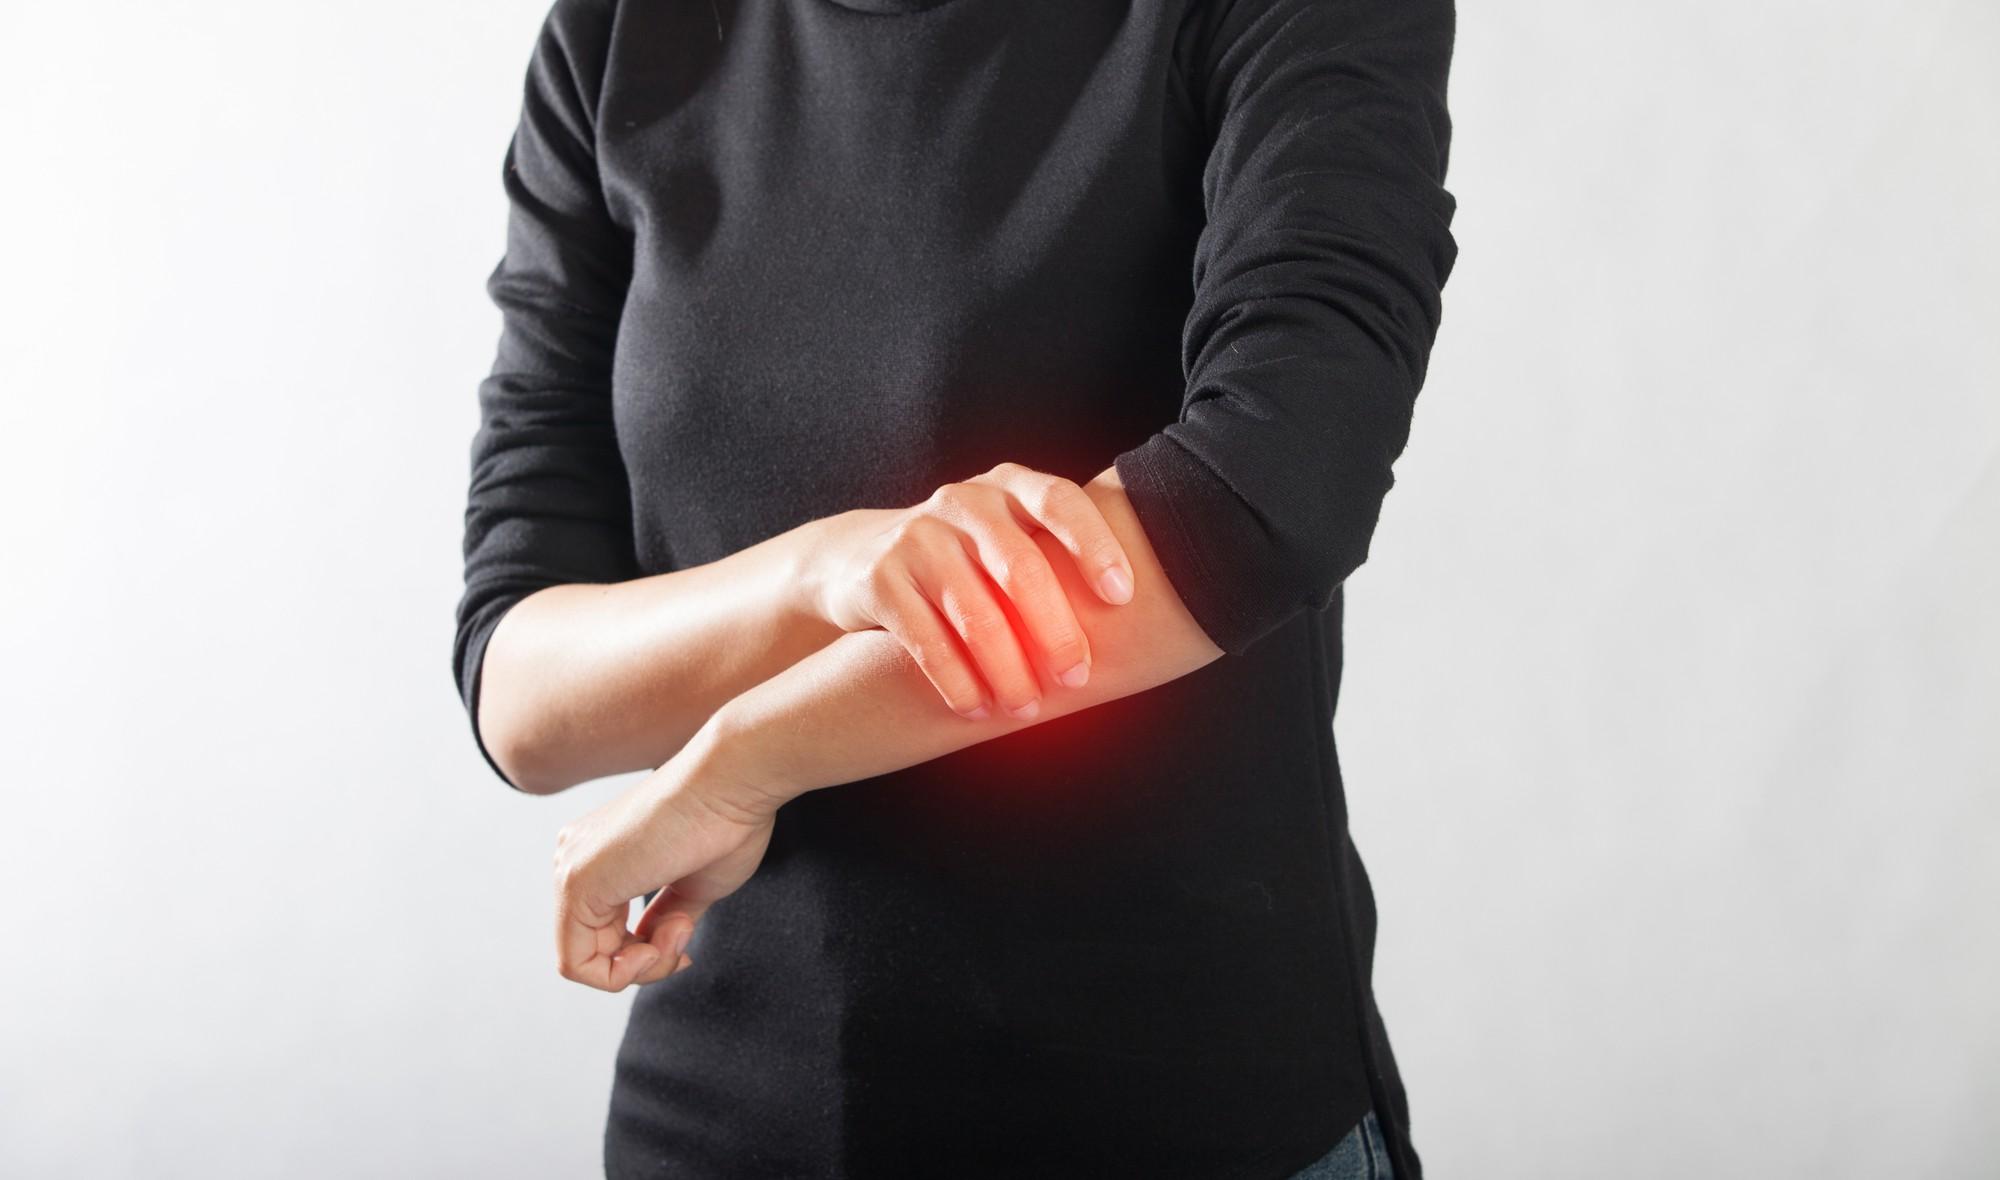 Cẩn thận với 6 căn bệnh phổ biến dễ xảy ra với các bạn gái ở độ tuổi 20 - Ảnh 3.